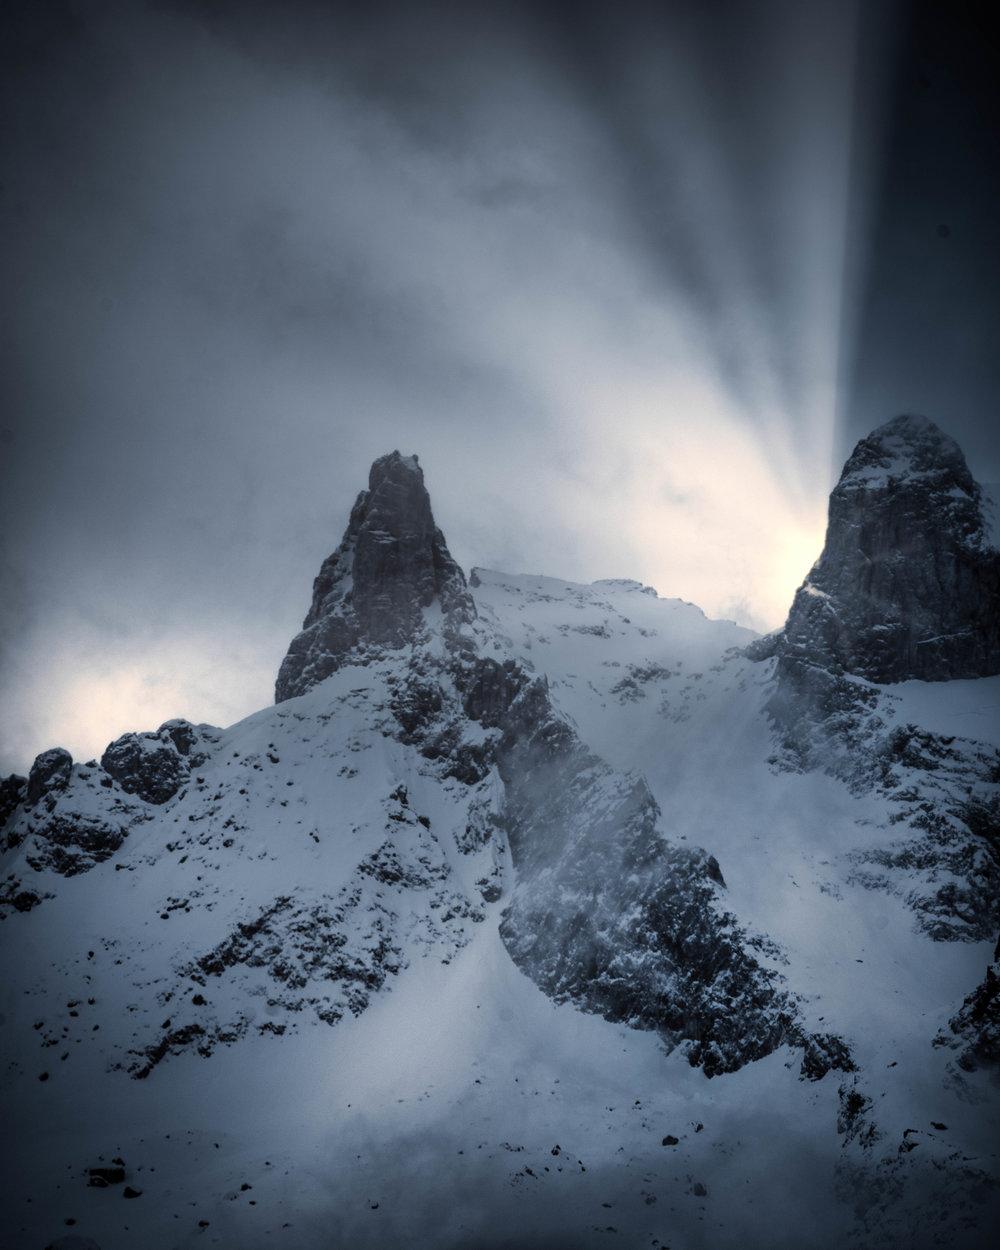 Das Wahrzeichen des Montafons kleiner Drusenturm